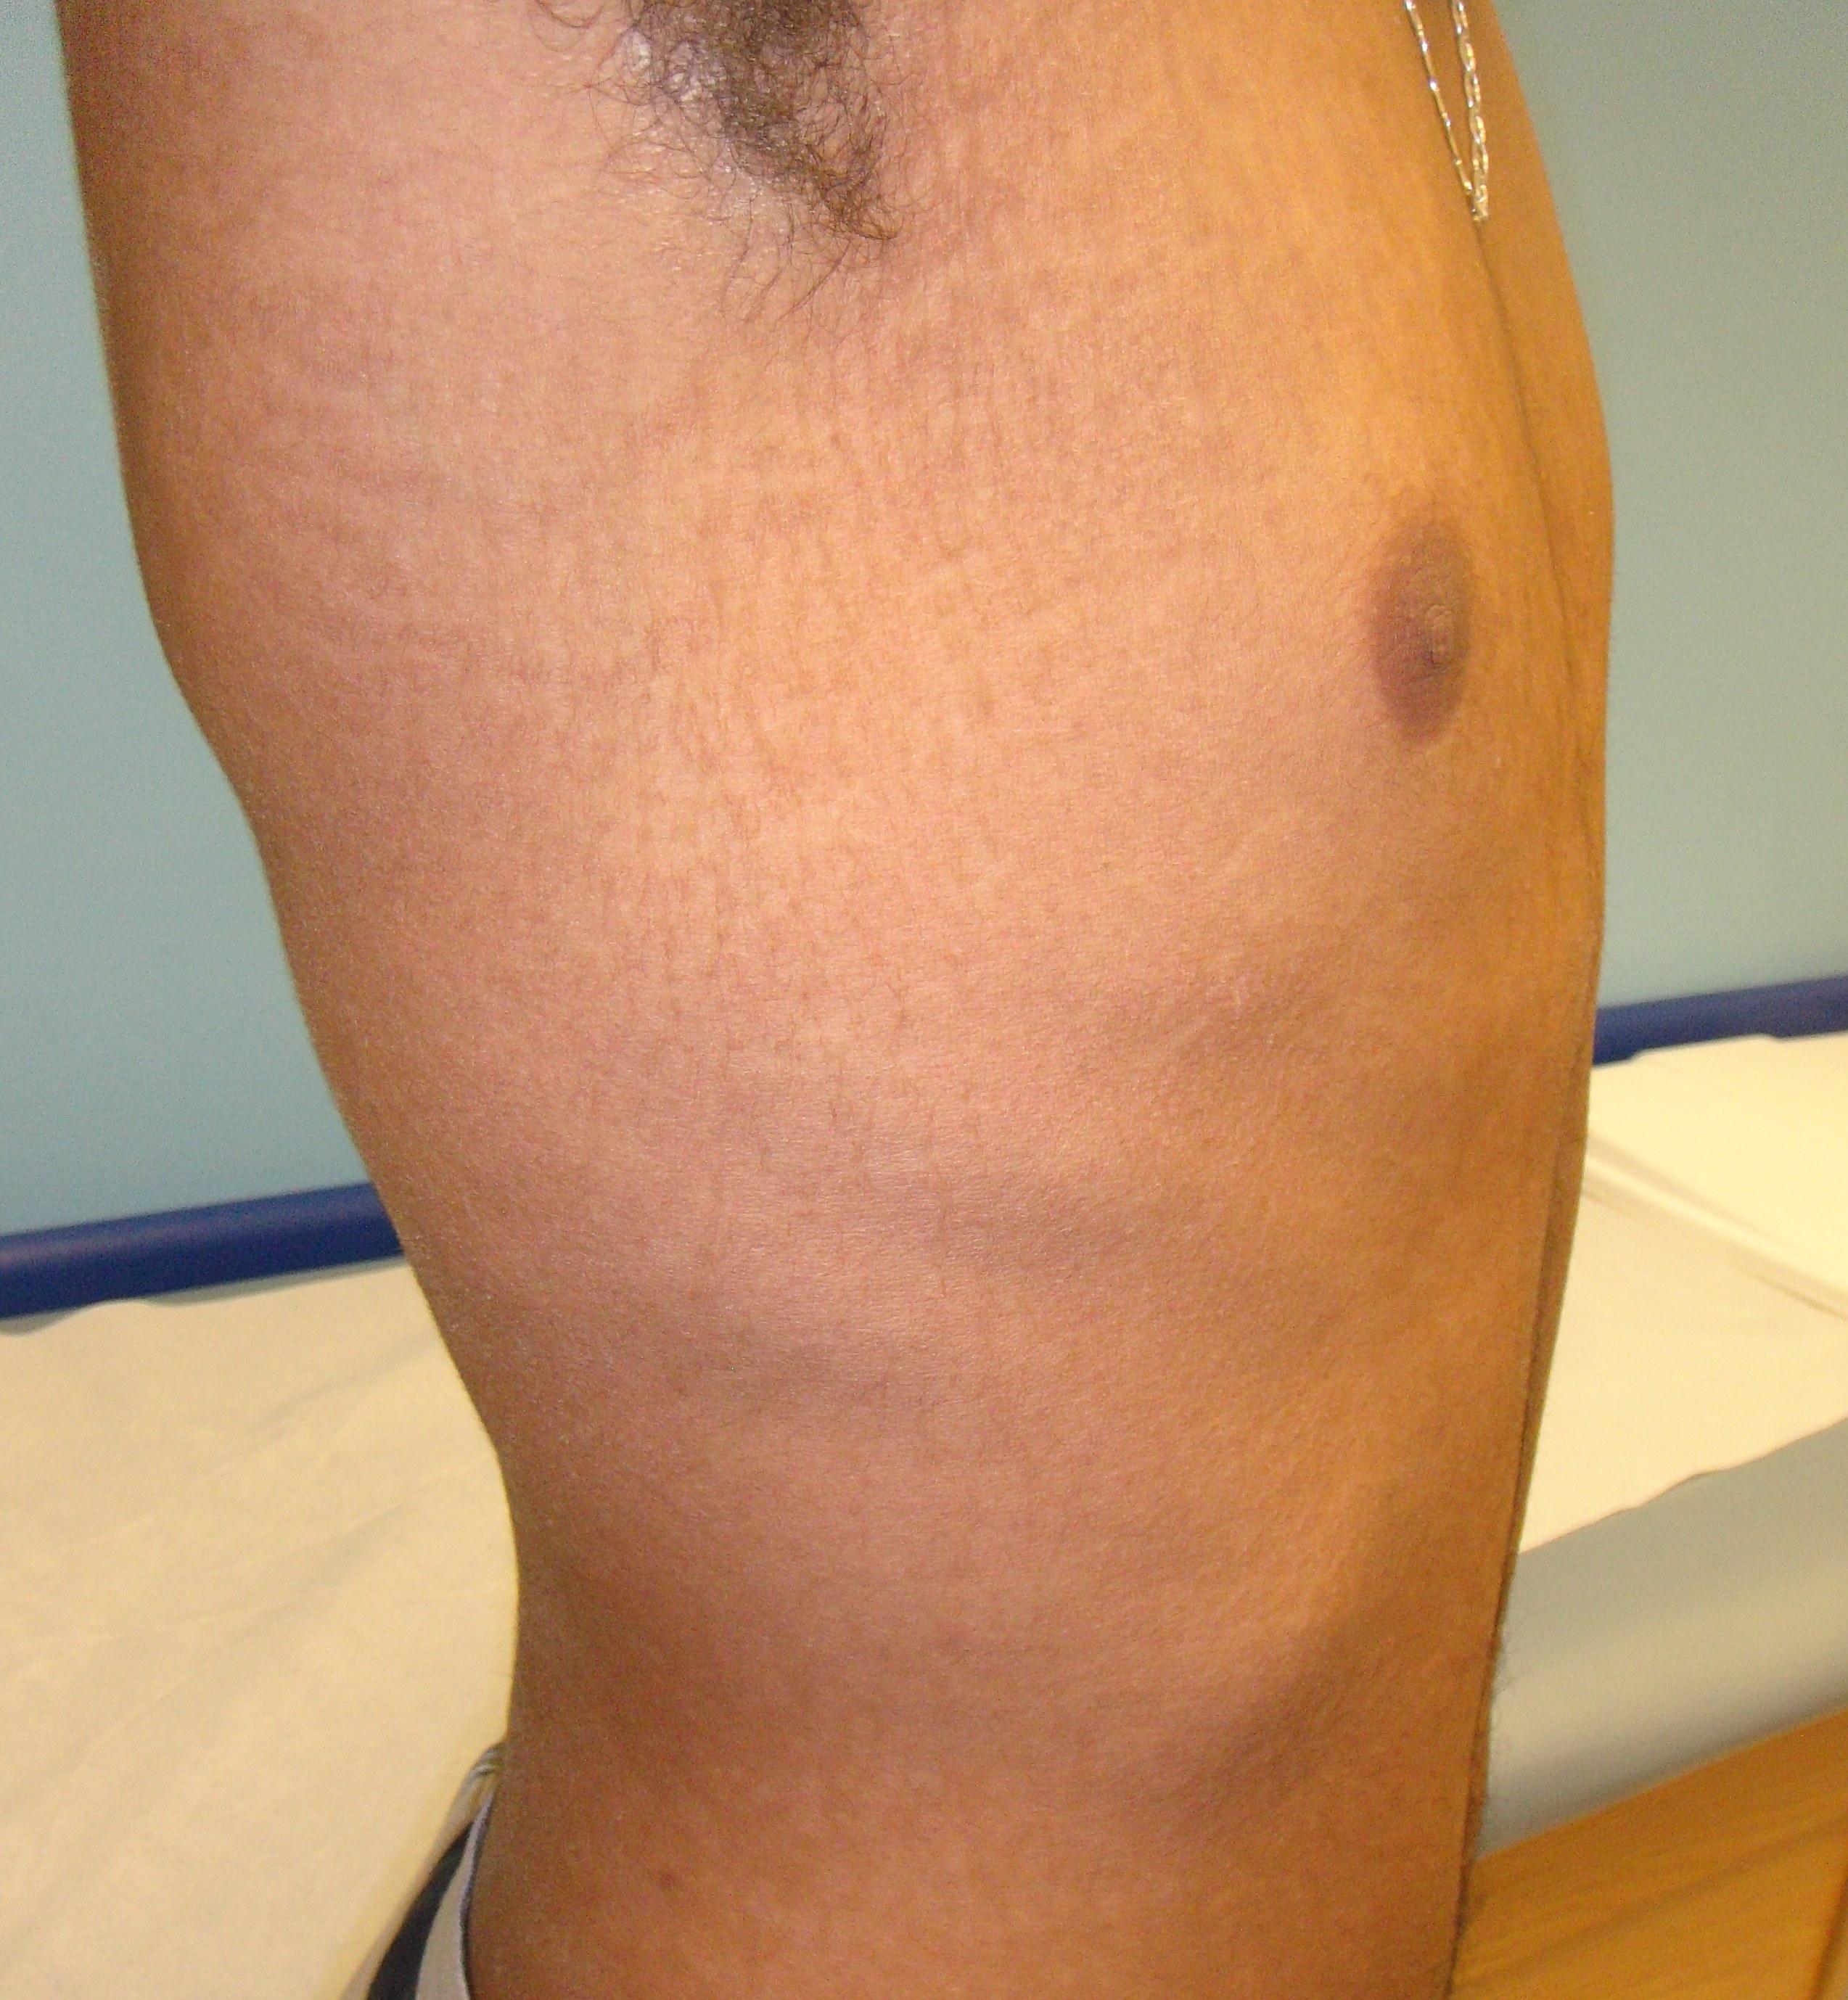 Nightshade pentru psoriazis - Primul pacient cu psoriazis